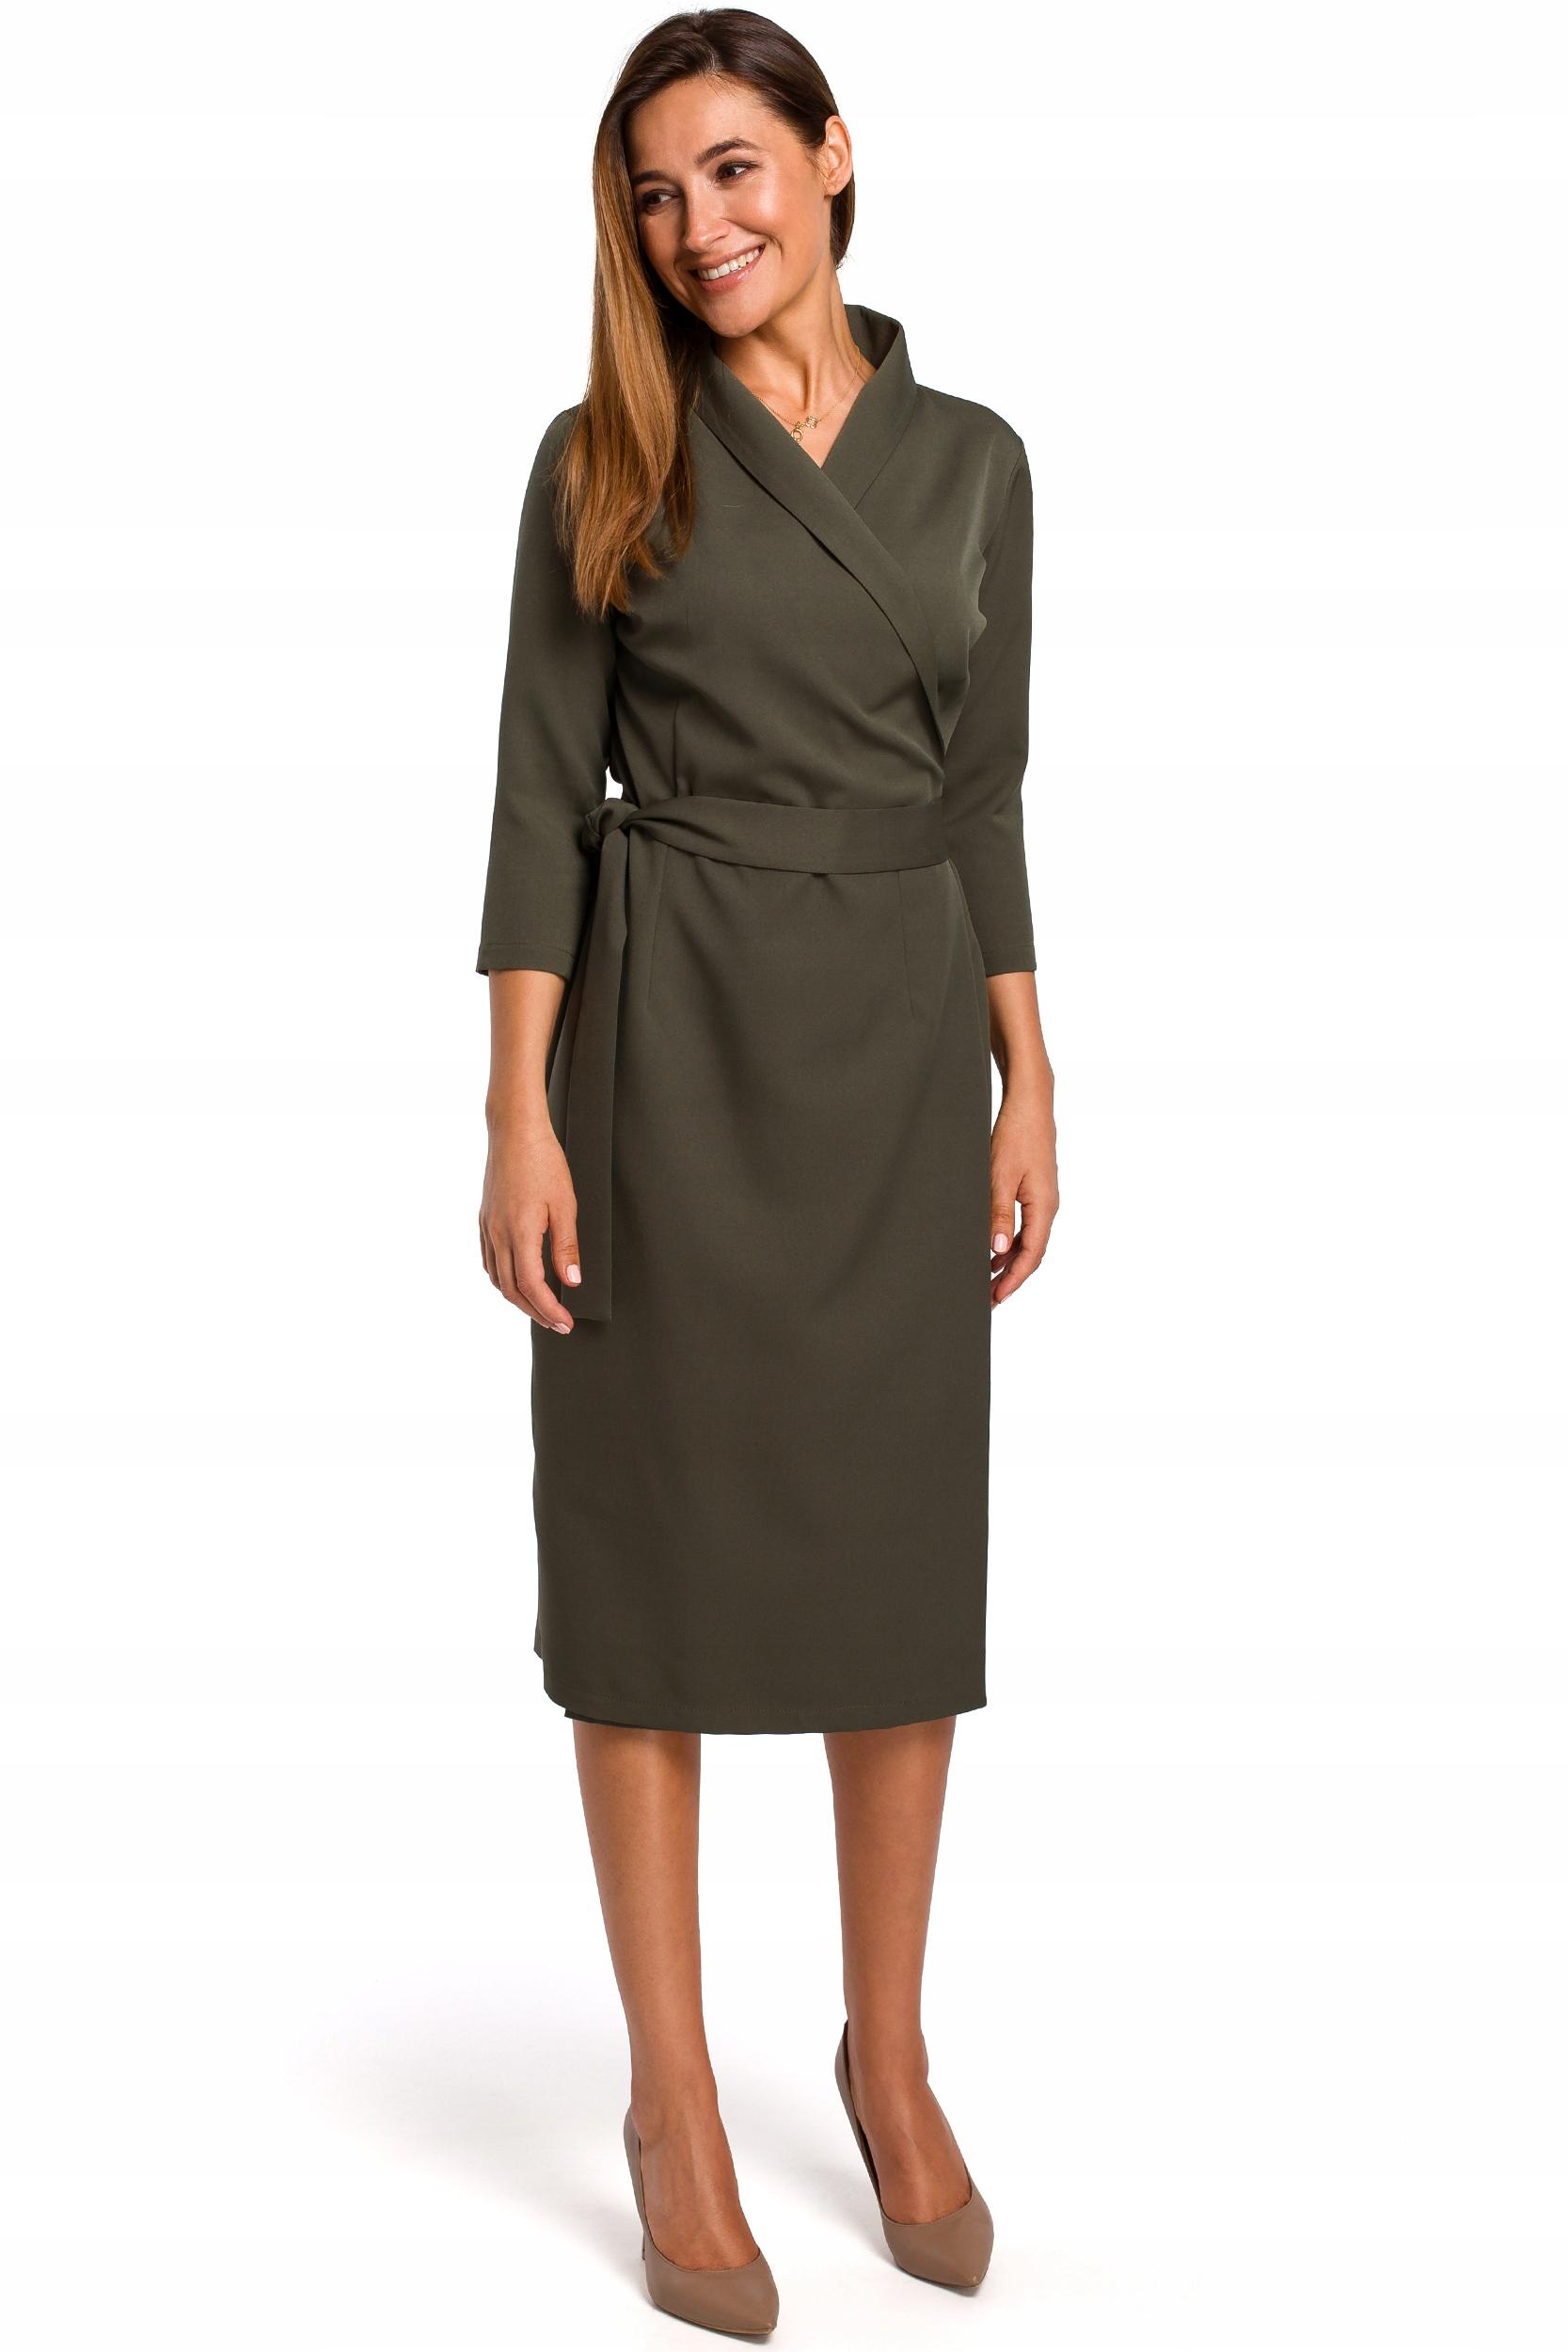 S175 Sukienka na zakładkę z paskiem - khaki 40   L